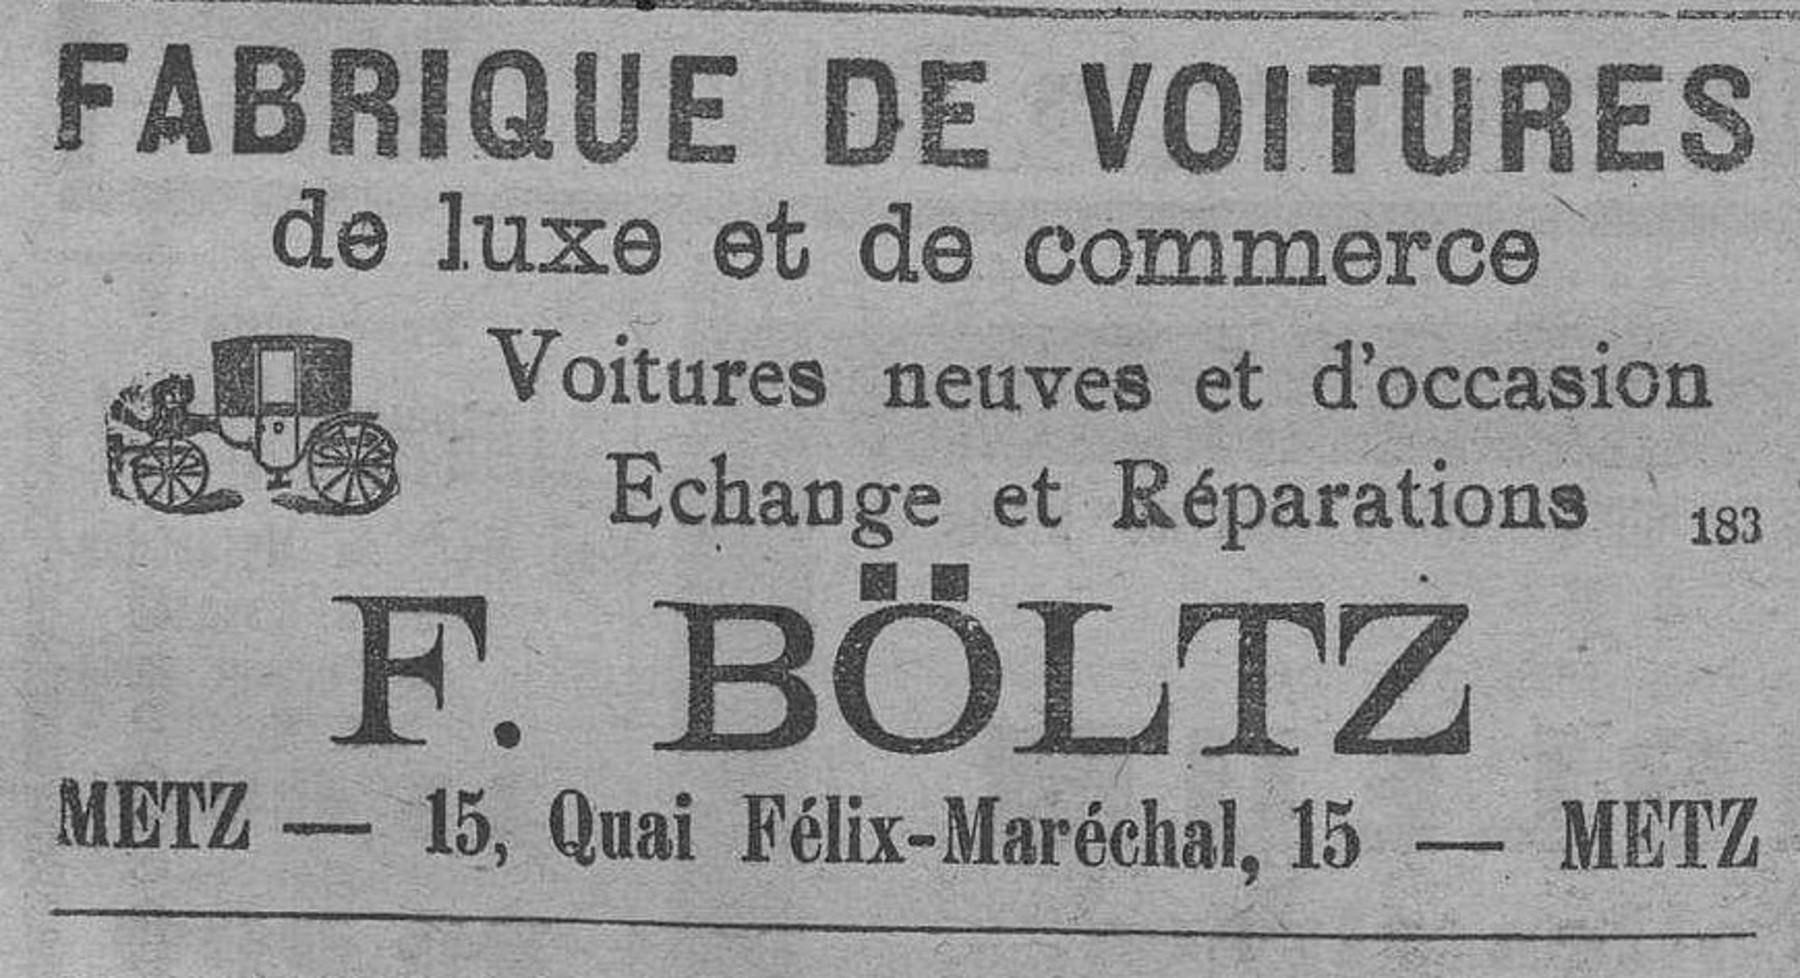 Contenu du Fabrique de voitures de luxe et de commerce, F. Böltz